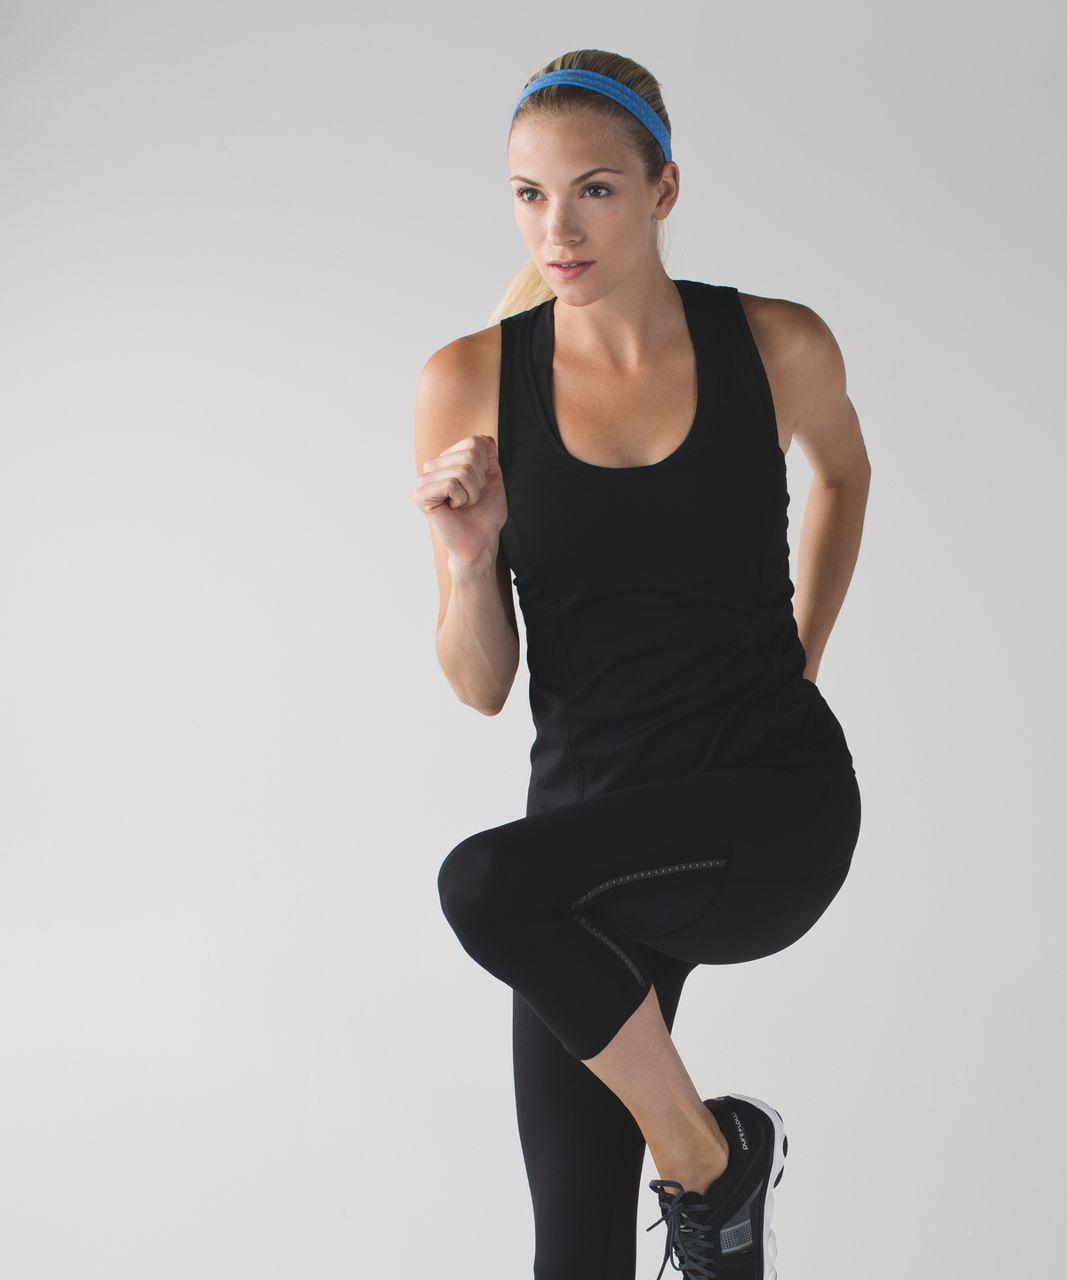 Lululemon Cardio Cross Trainer Headband - Heathered Pipe Dream Blue